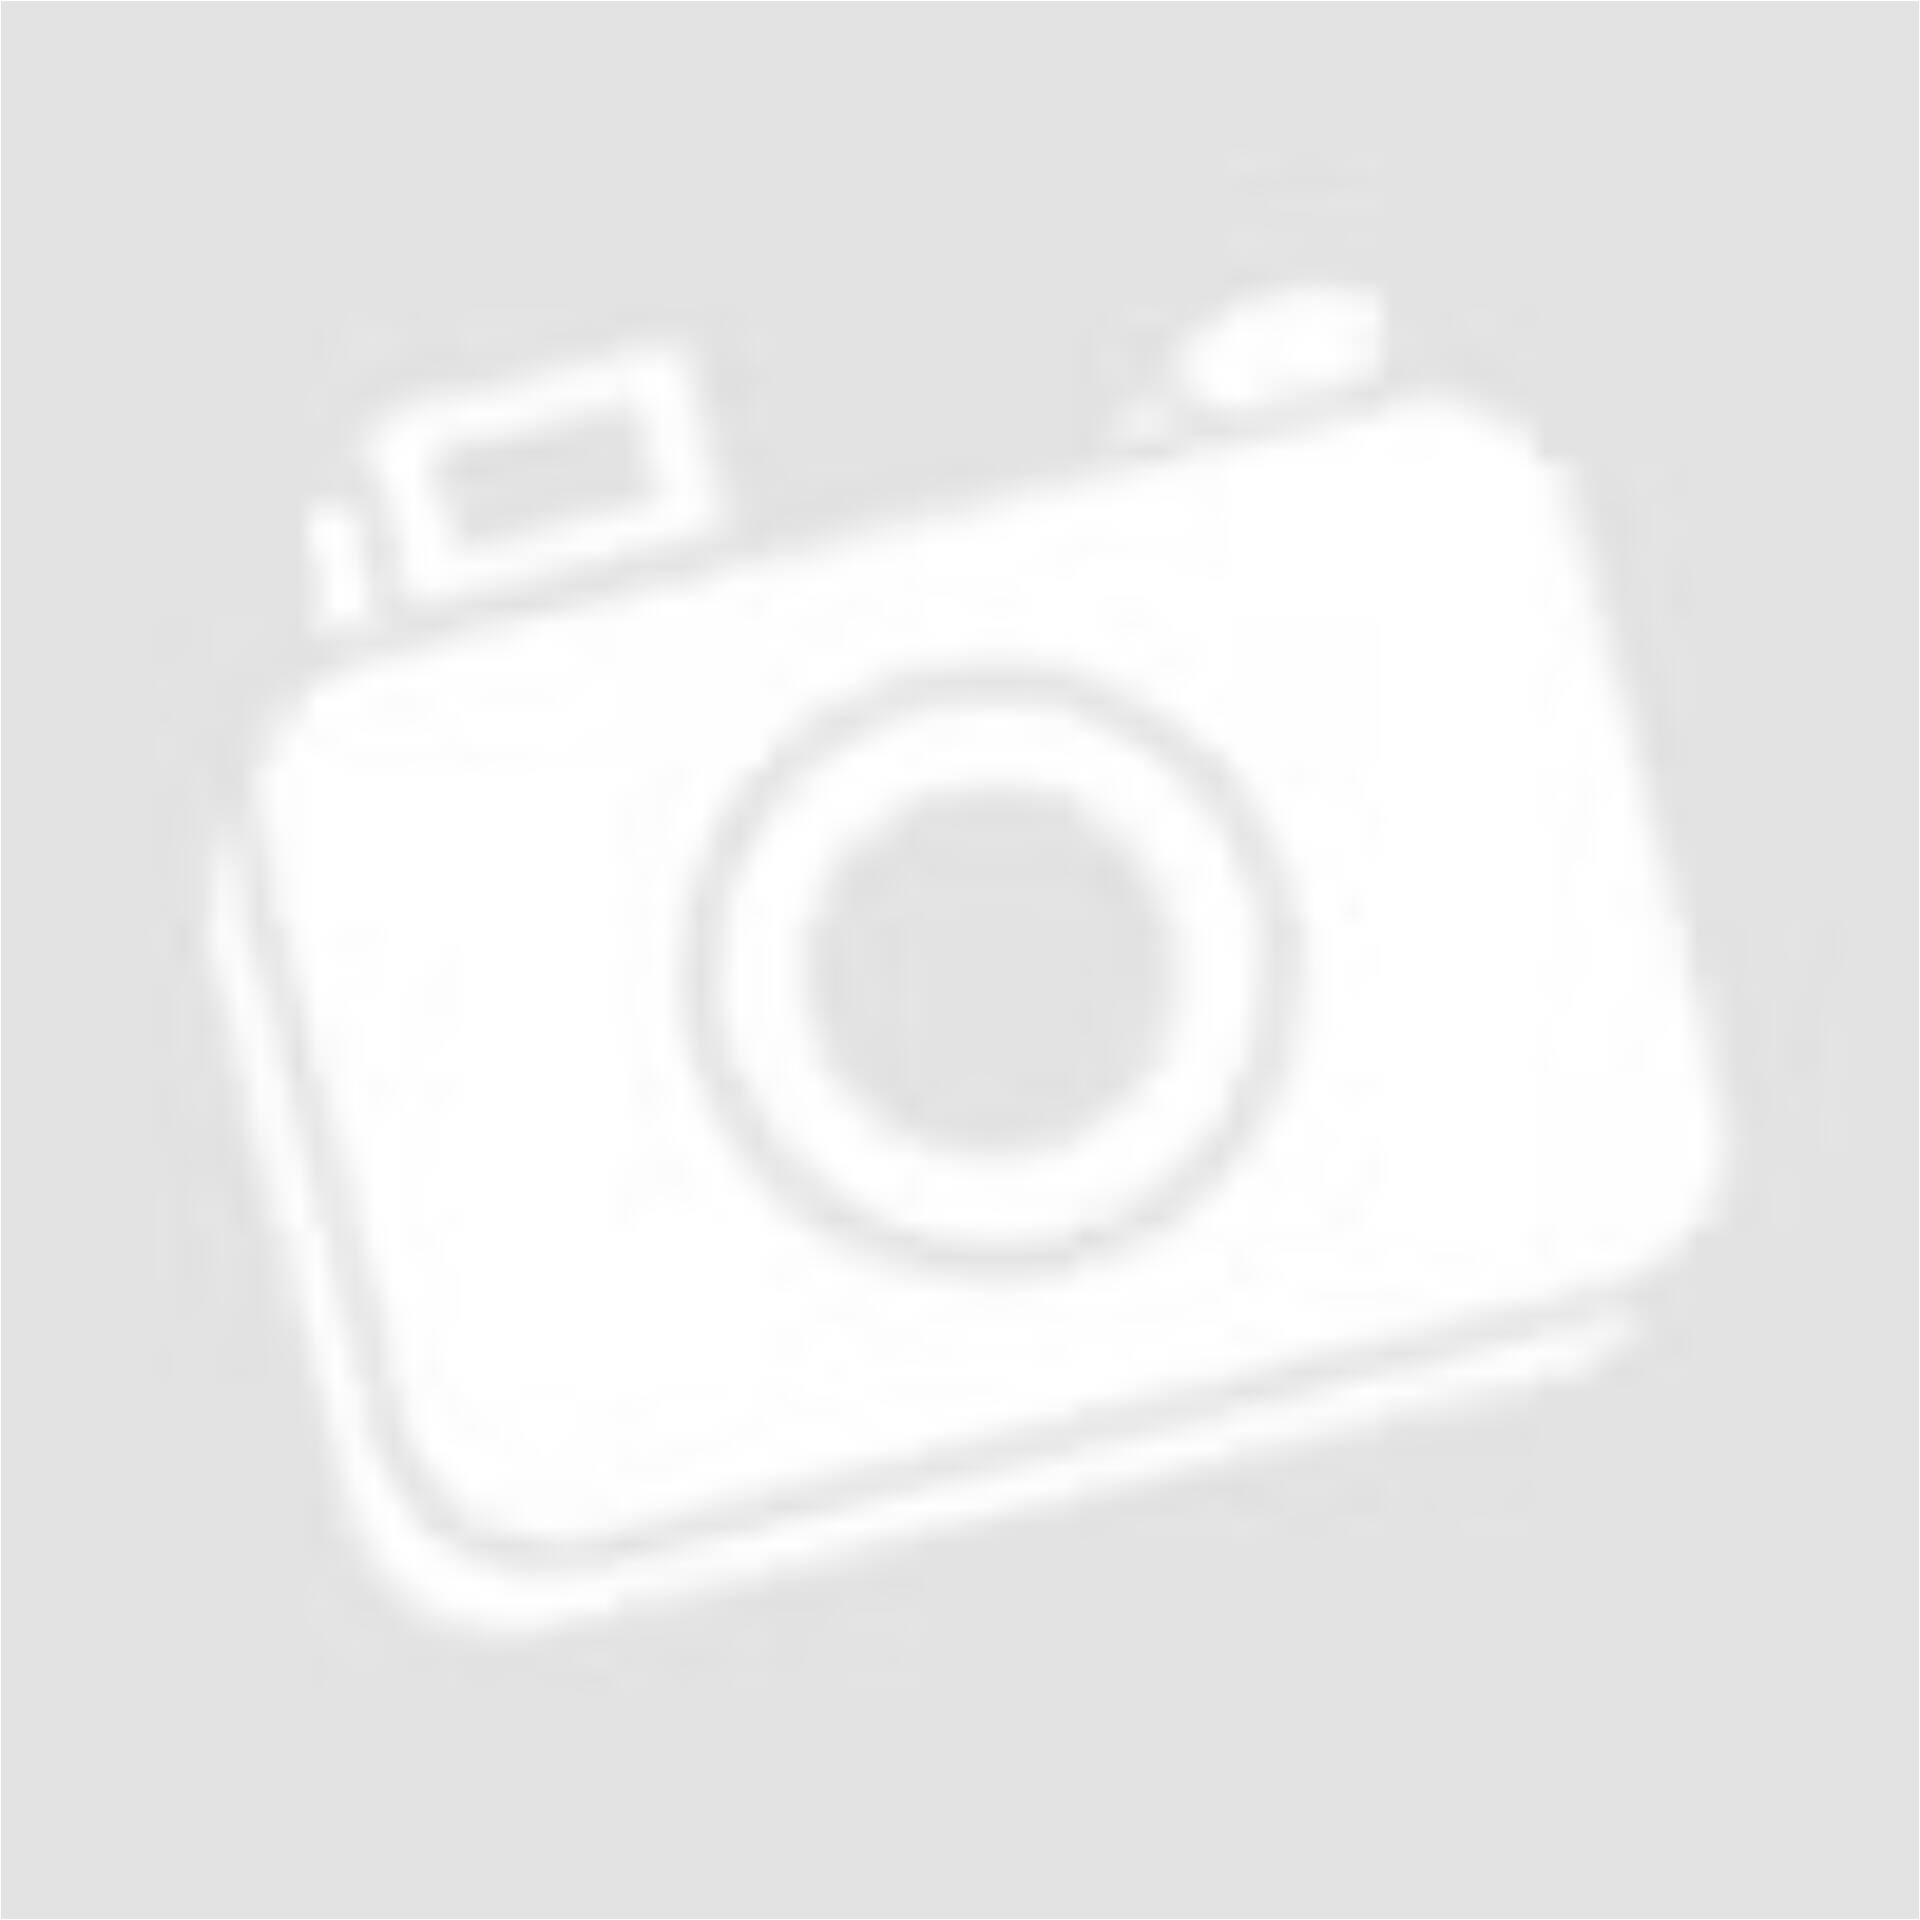 05addf2ee6 Bundás Leolo cipő (Méret: 39) - Bakancs, csizma - Öltözz ki ...